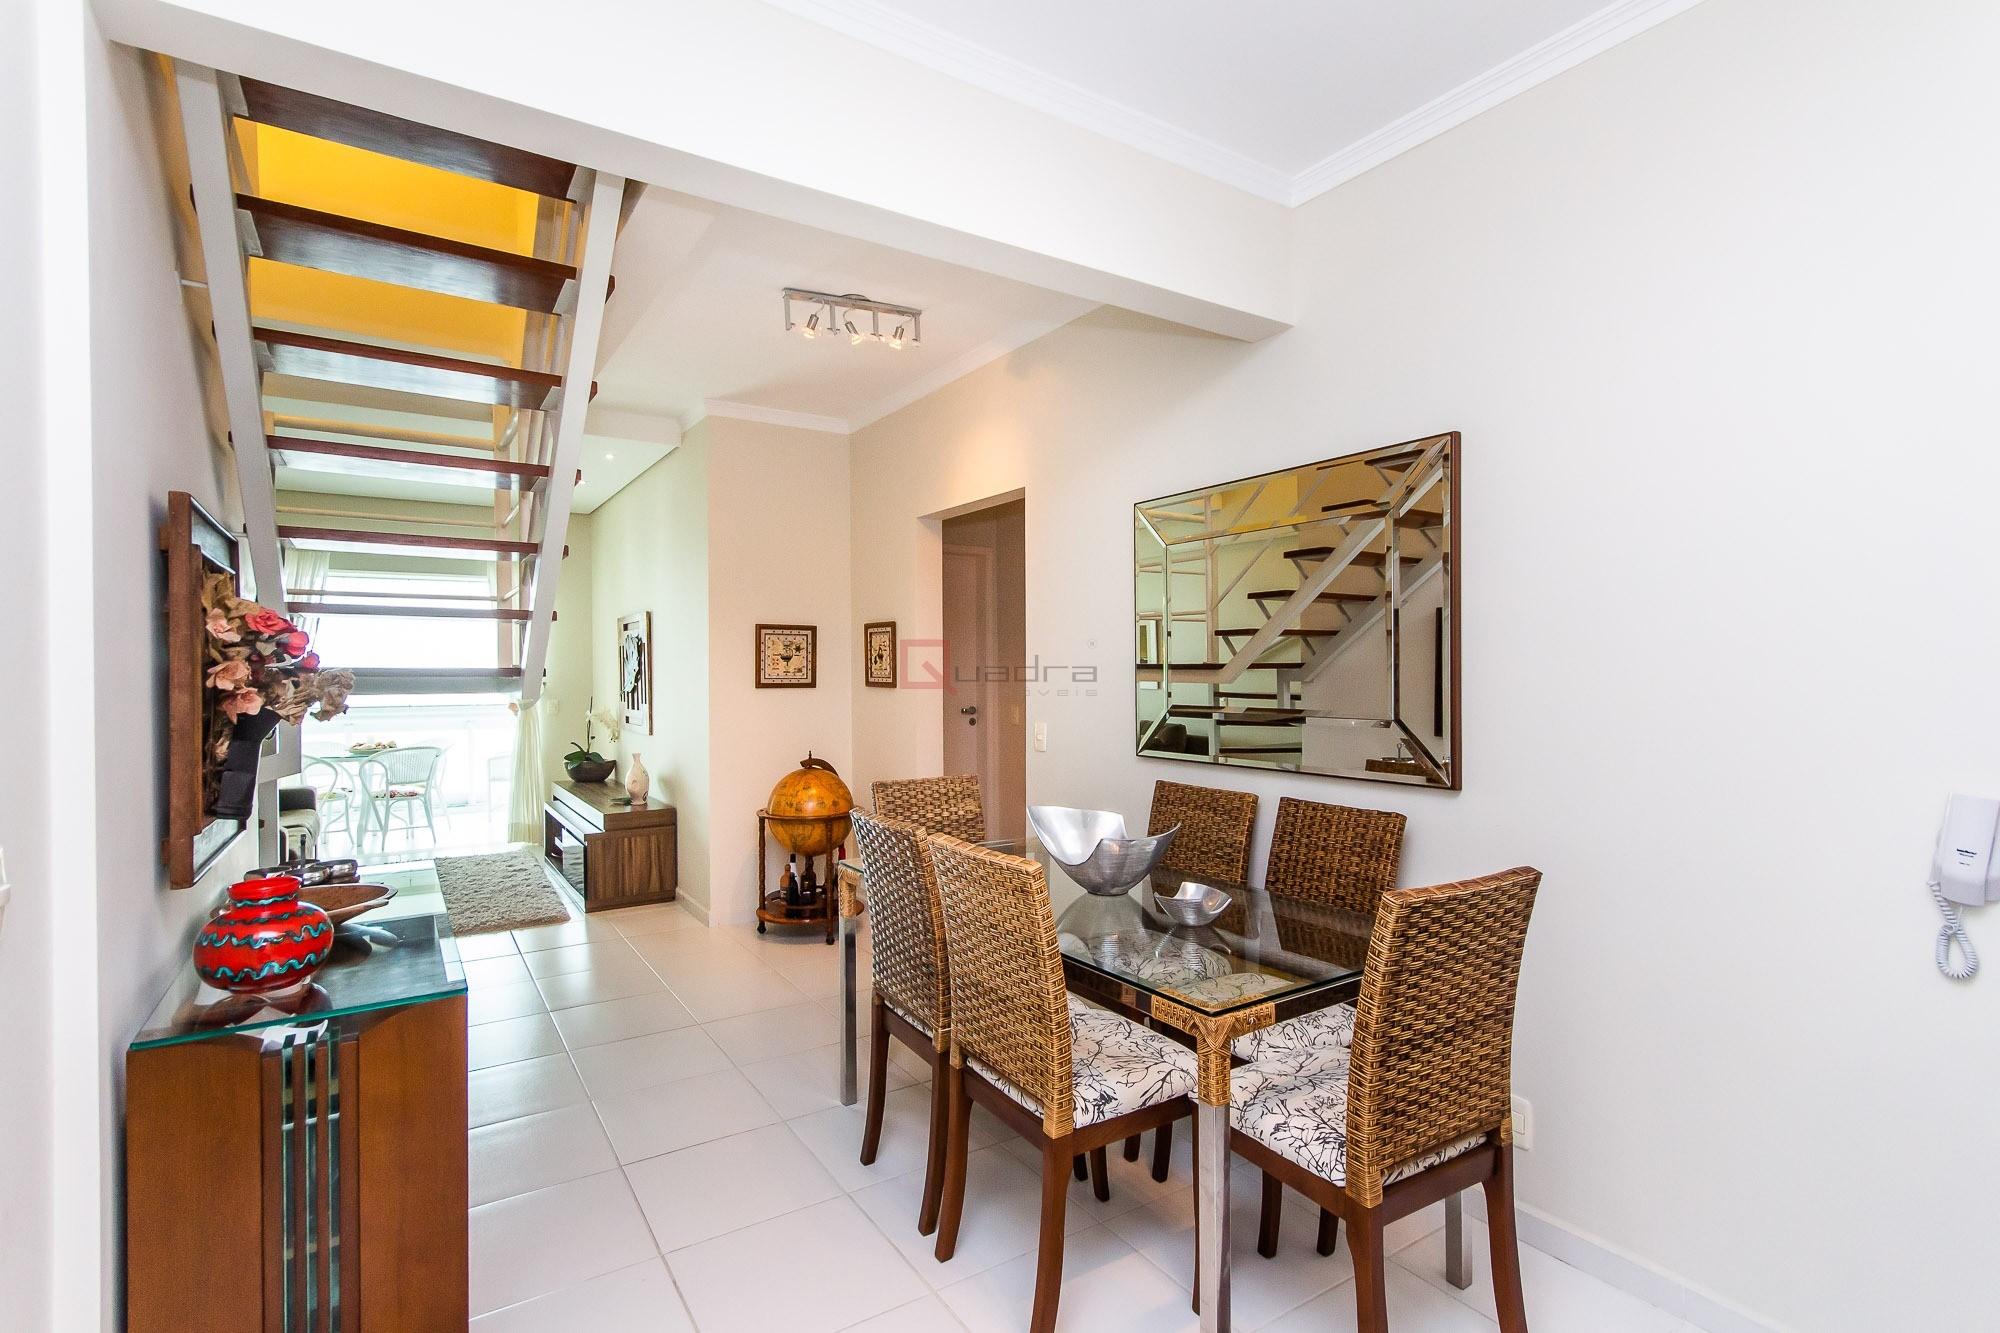 Apartamento com 4 dormitórios (1 suíte) à venda em Caraguatatuba, no bairro Indaia